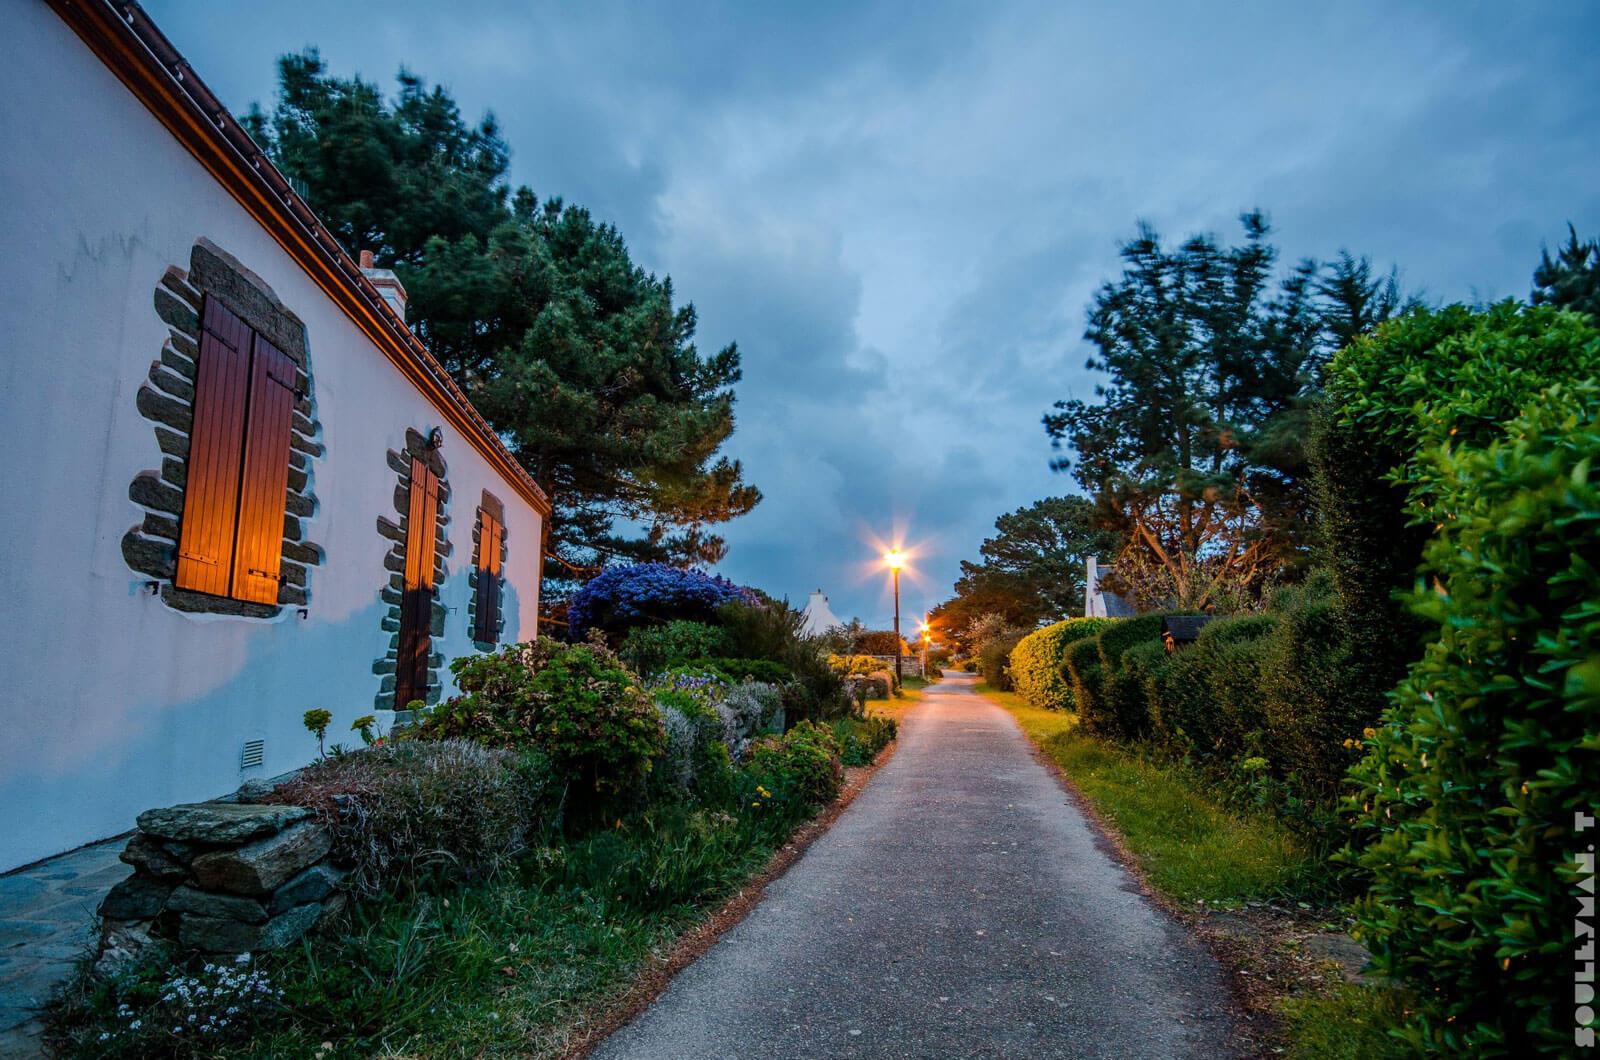 Village de Kerlivio à Groix